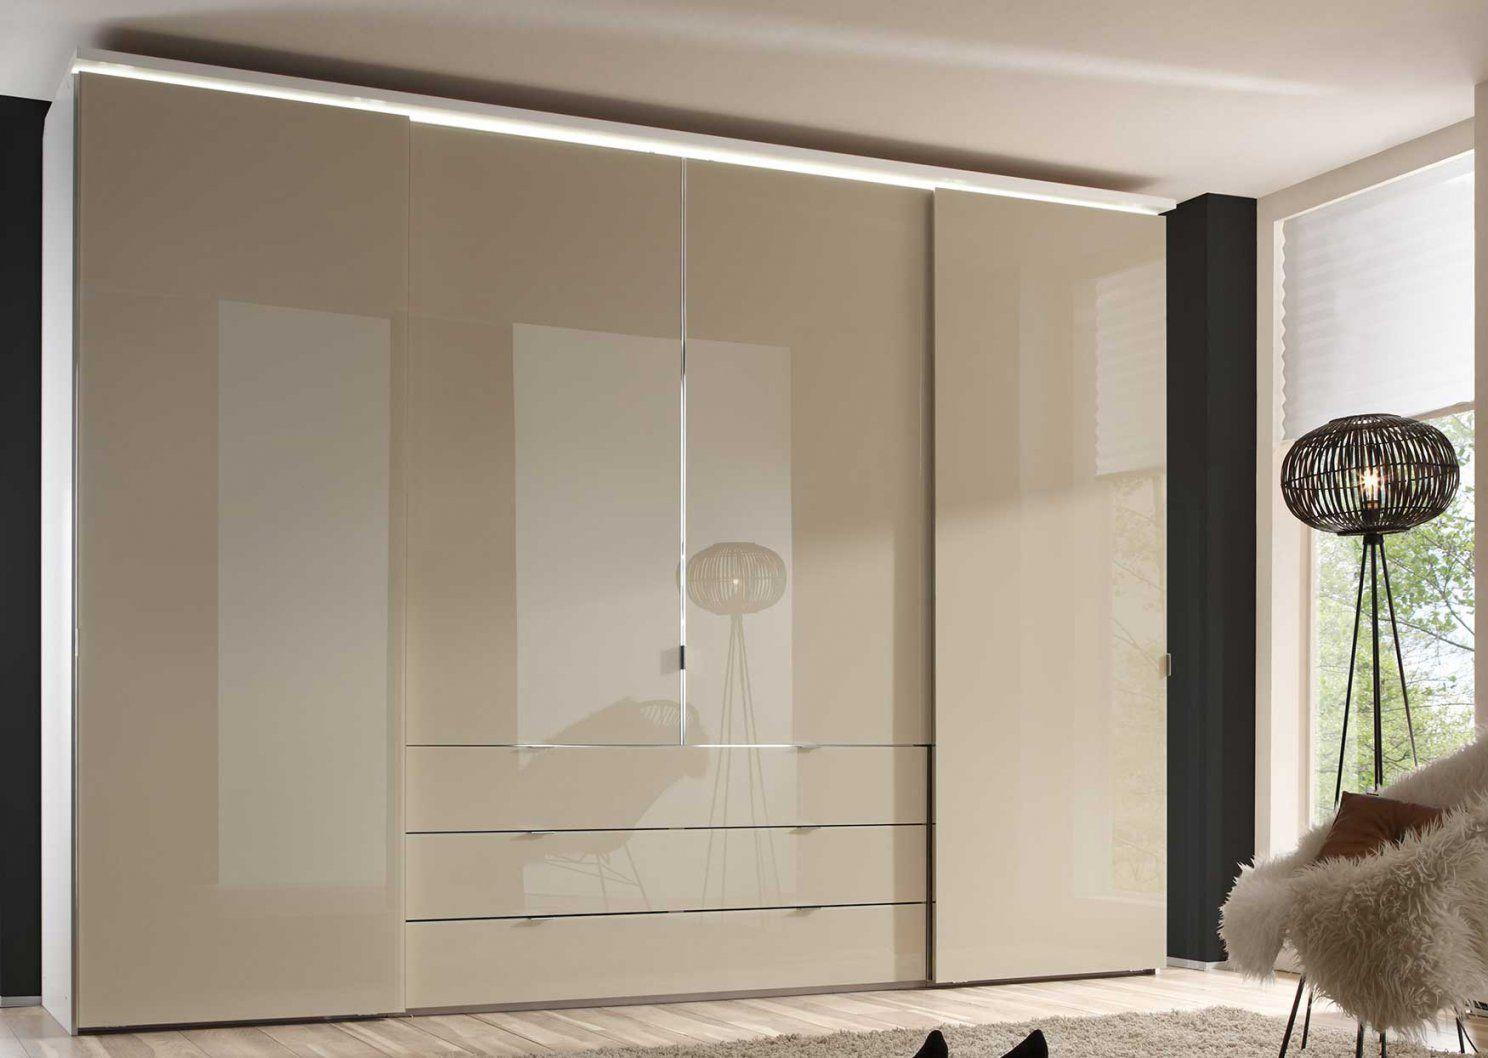 Ikea Kleiderschrank Mit Tv Fach Schwebetrenschrank Mit Tv Fach von Kleiderschrank Mit Tv Aussparung Photo